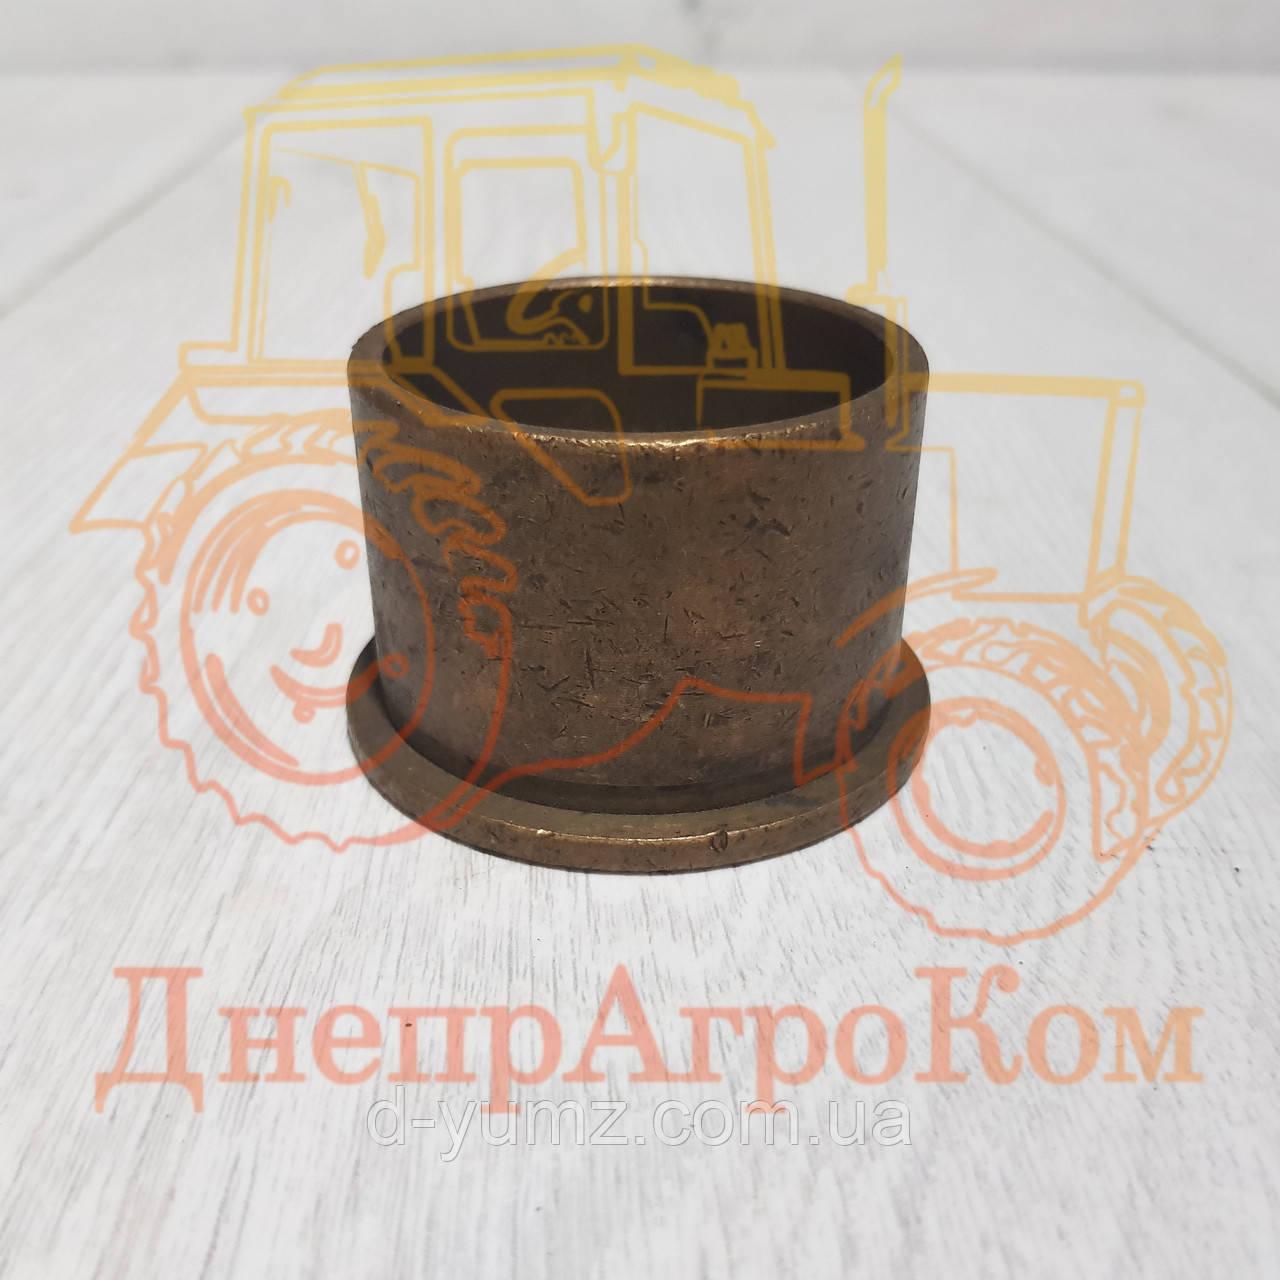 Втулка шестерни тнвд ЮМЗ Д04-022